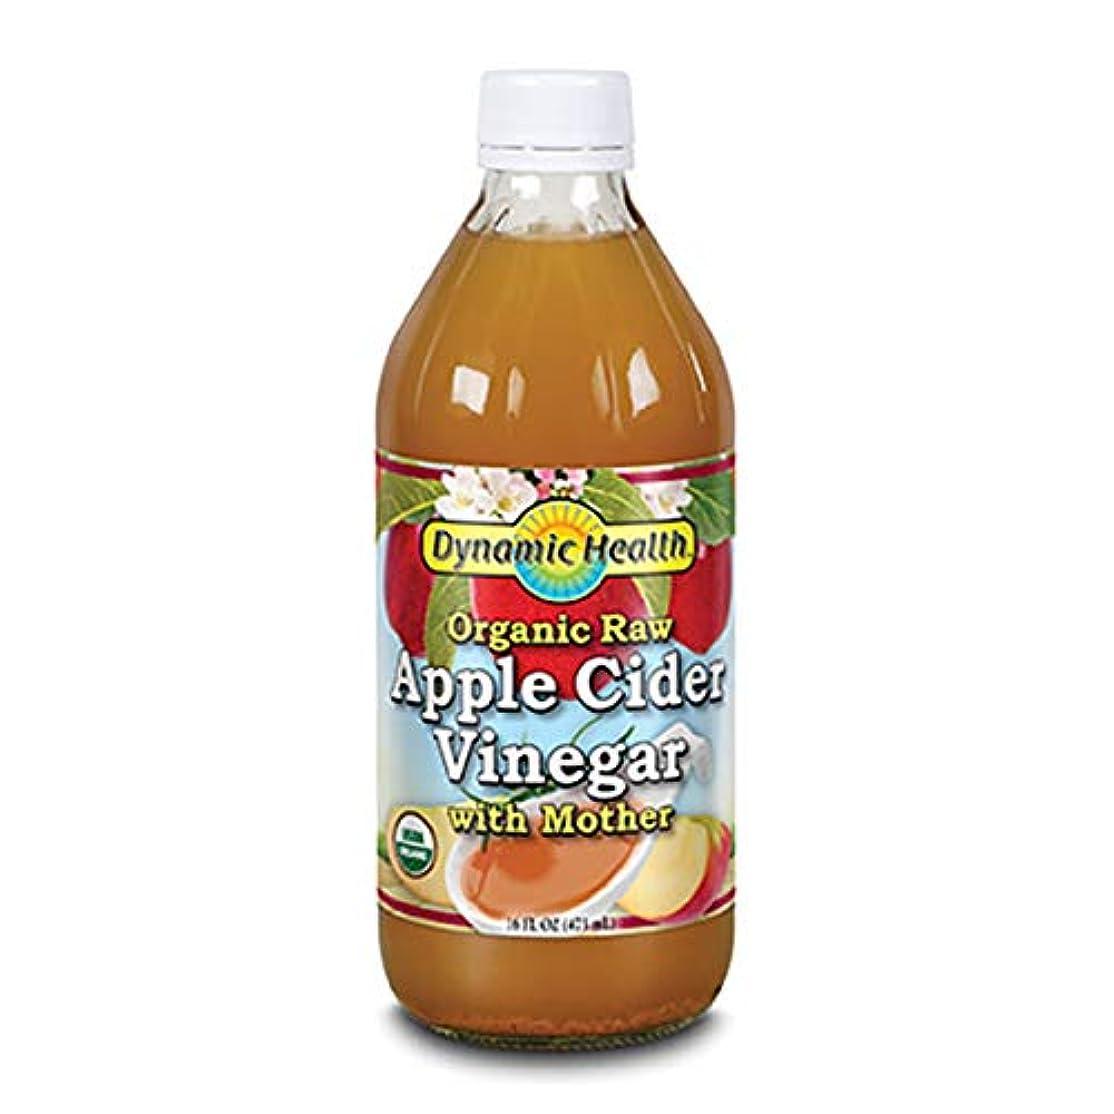 テクスチャー生クランプDynamic Health Organic Raw Apple Cider Vinegar With Mother  16 oz (473ml) [並行輸入品]